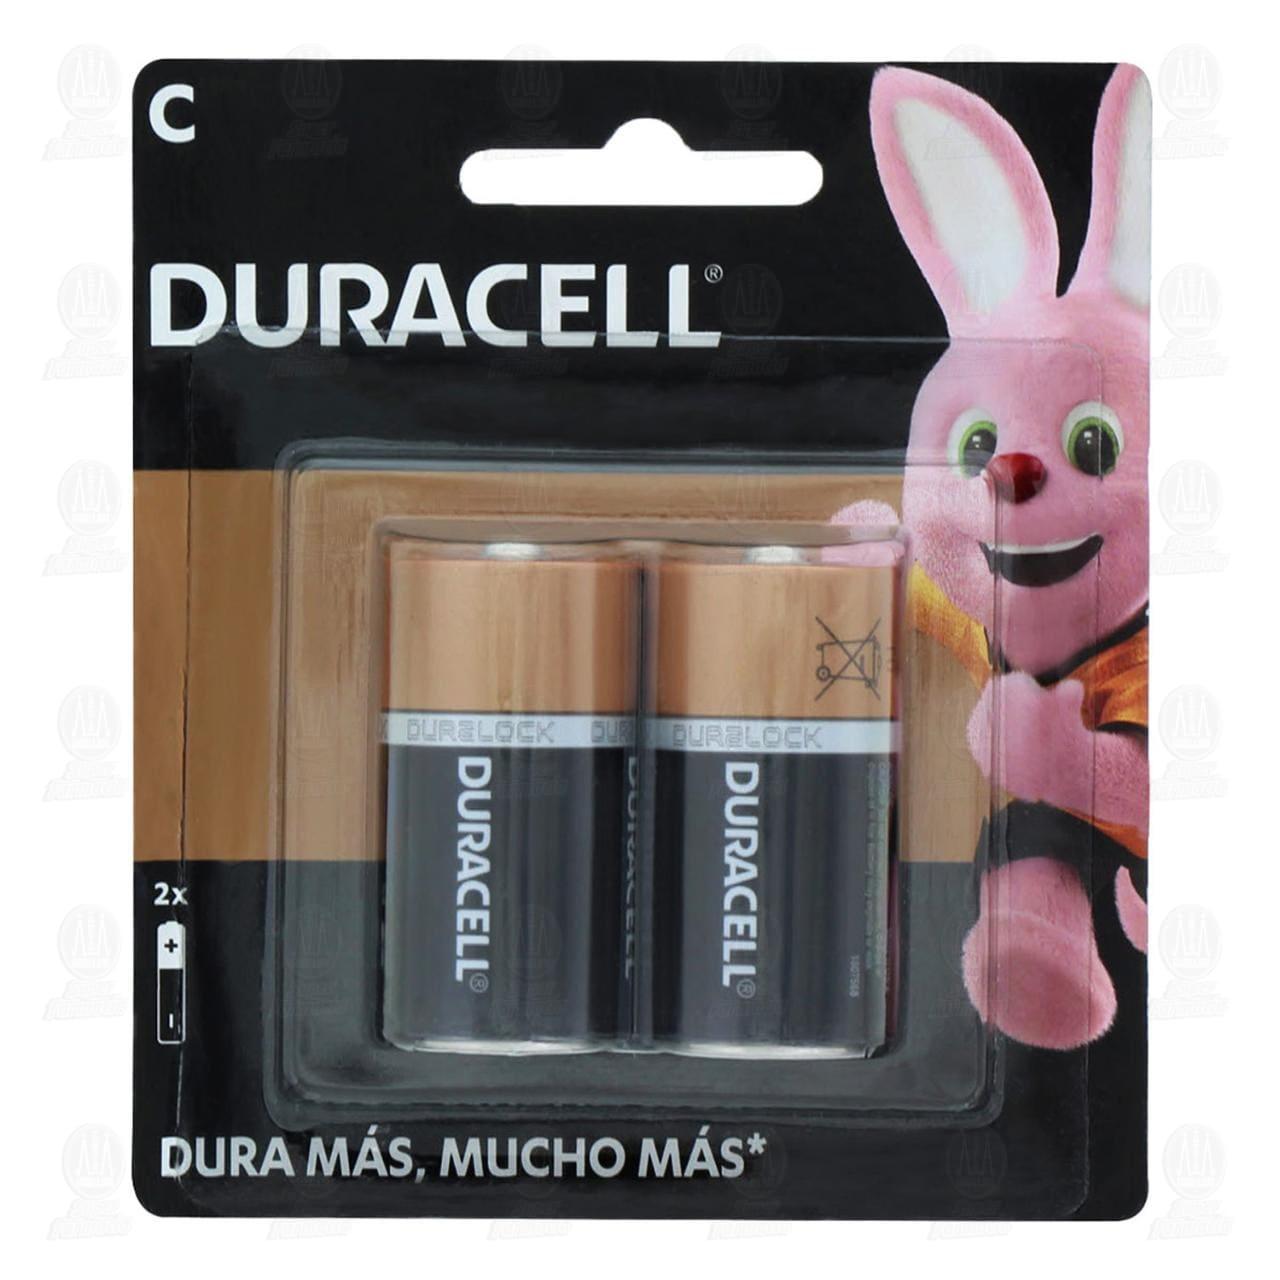 Comprar Pilas Duracell Alcalinas C, 2 pzas. en Farmacias Guadalajara